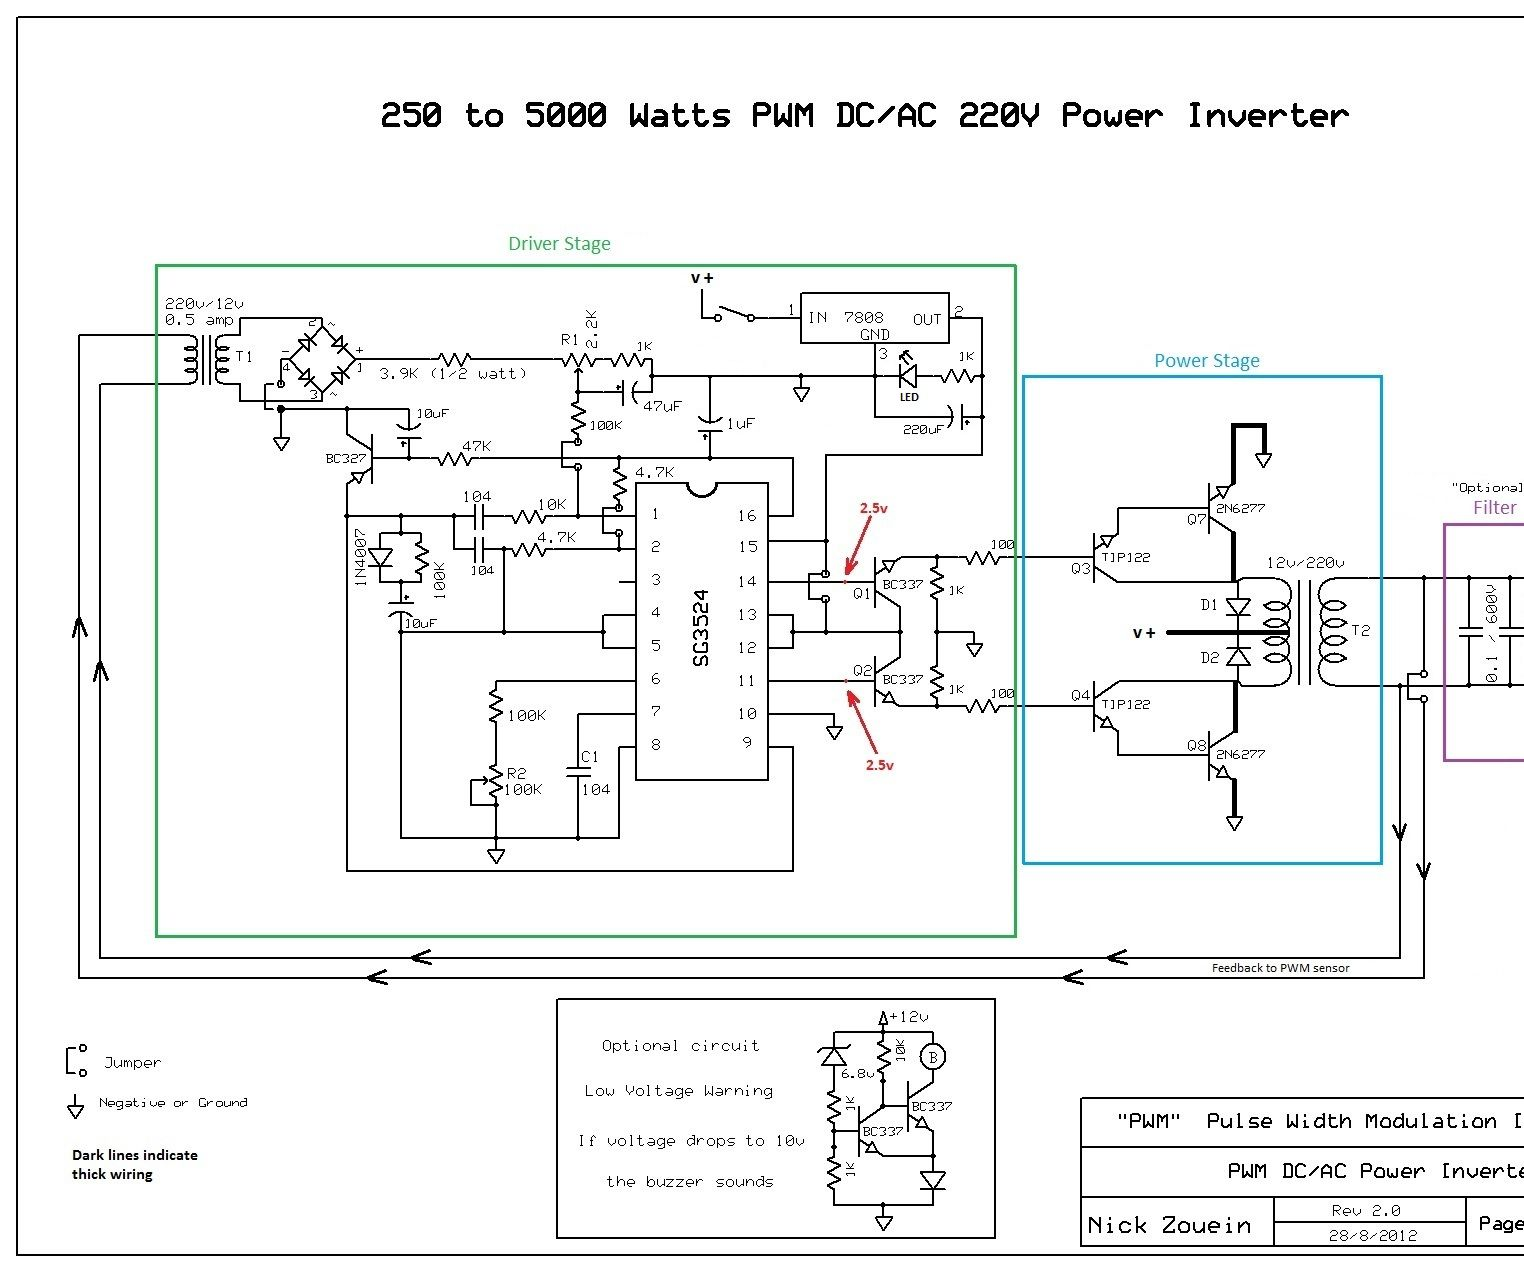 medium resolution of 2000 watt inverter circuit diagram wiring diagram for you 2000w inverter wiring diagram